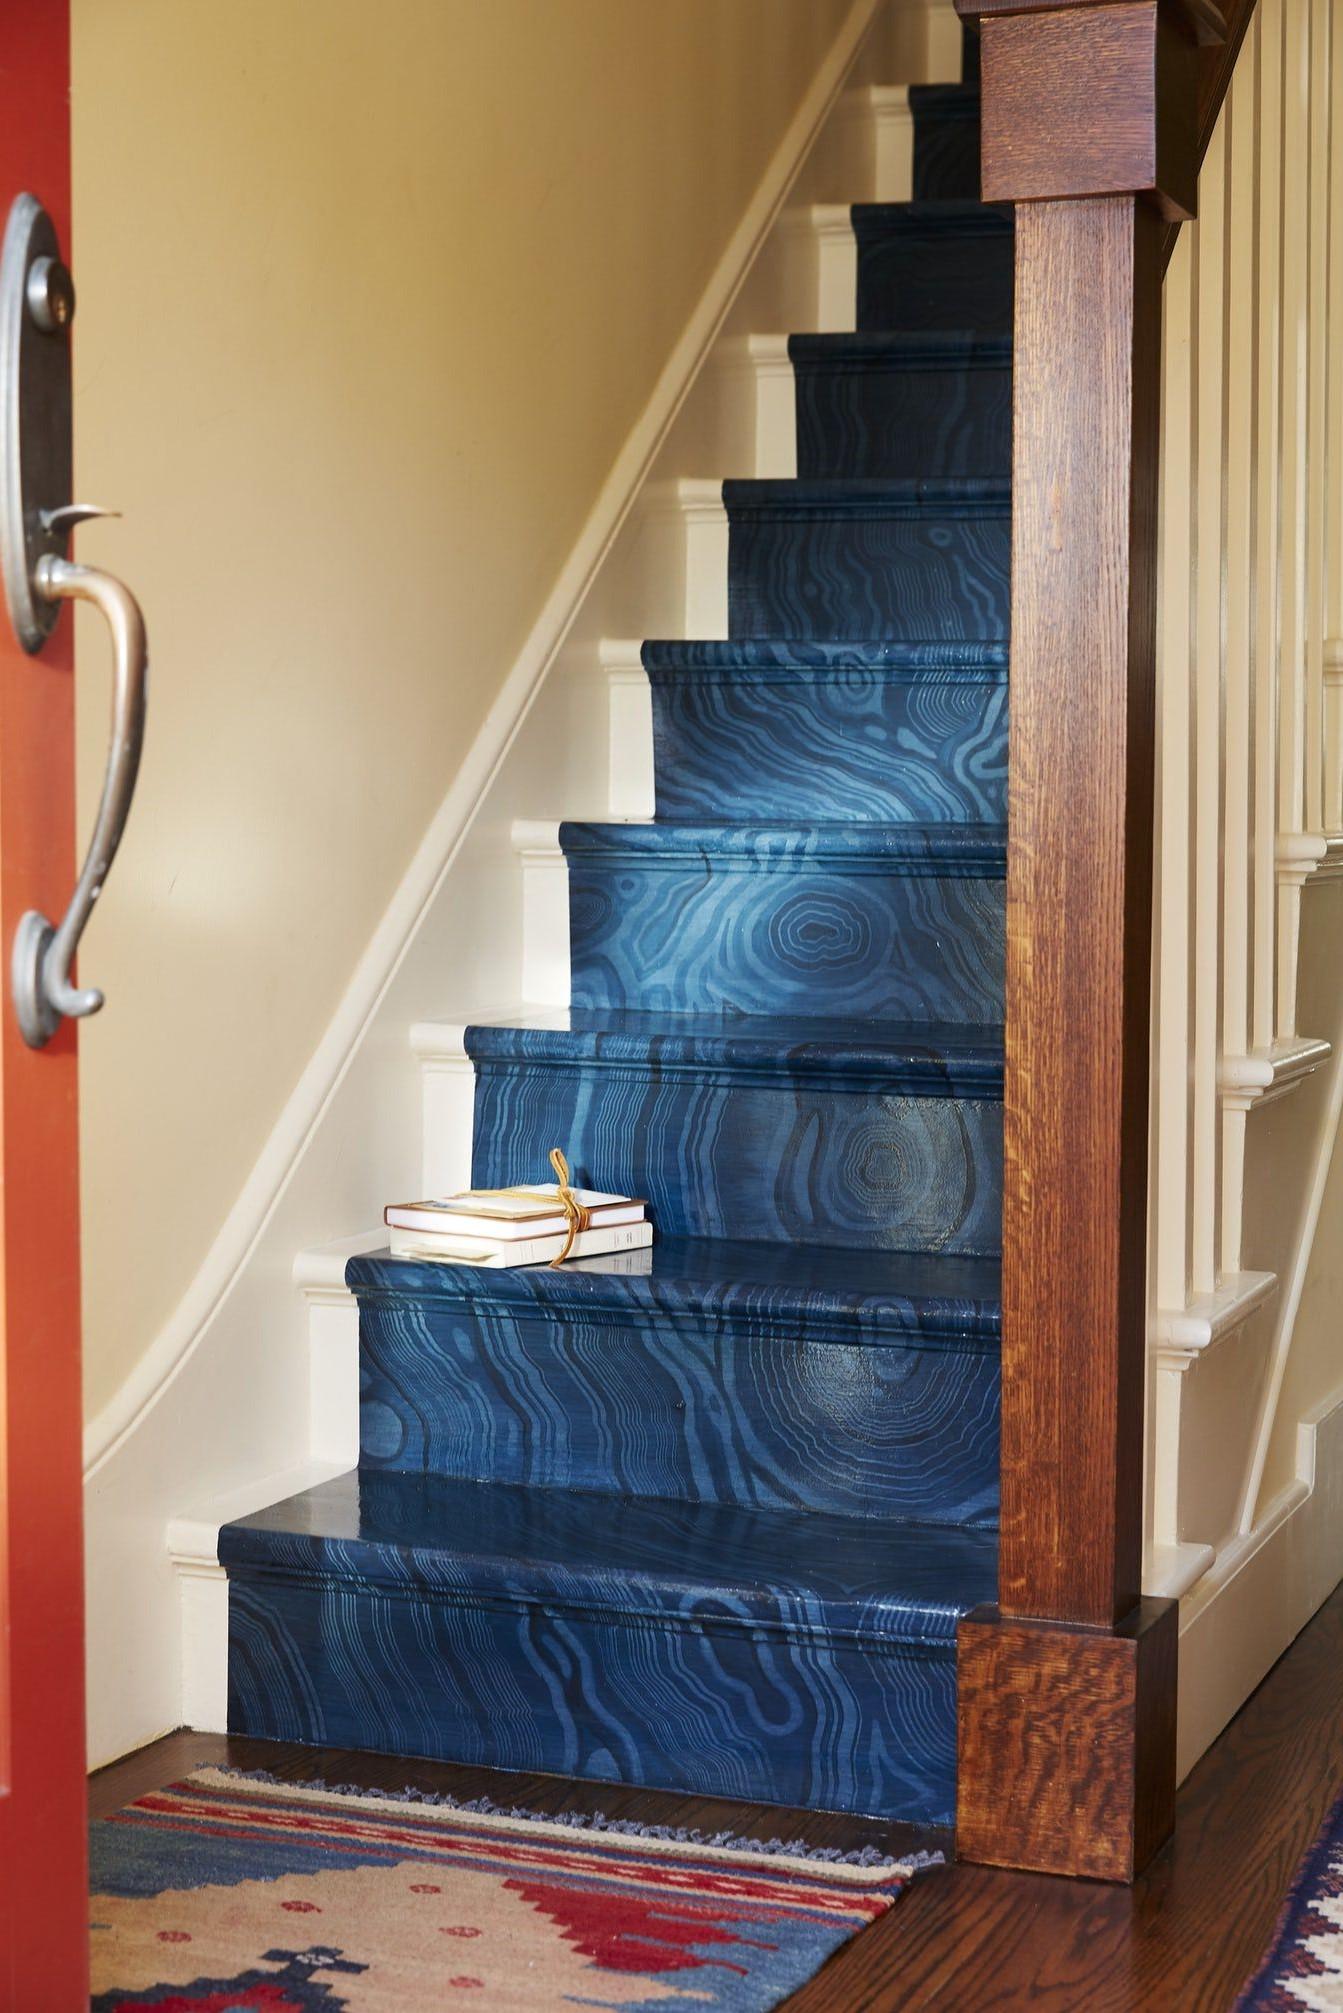 Peindre les escaliers est une étape importante pour leur donner une nouvelle vie.